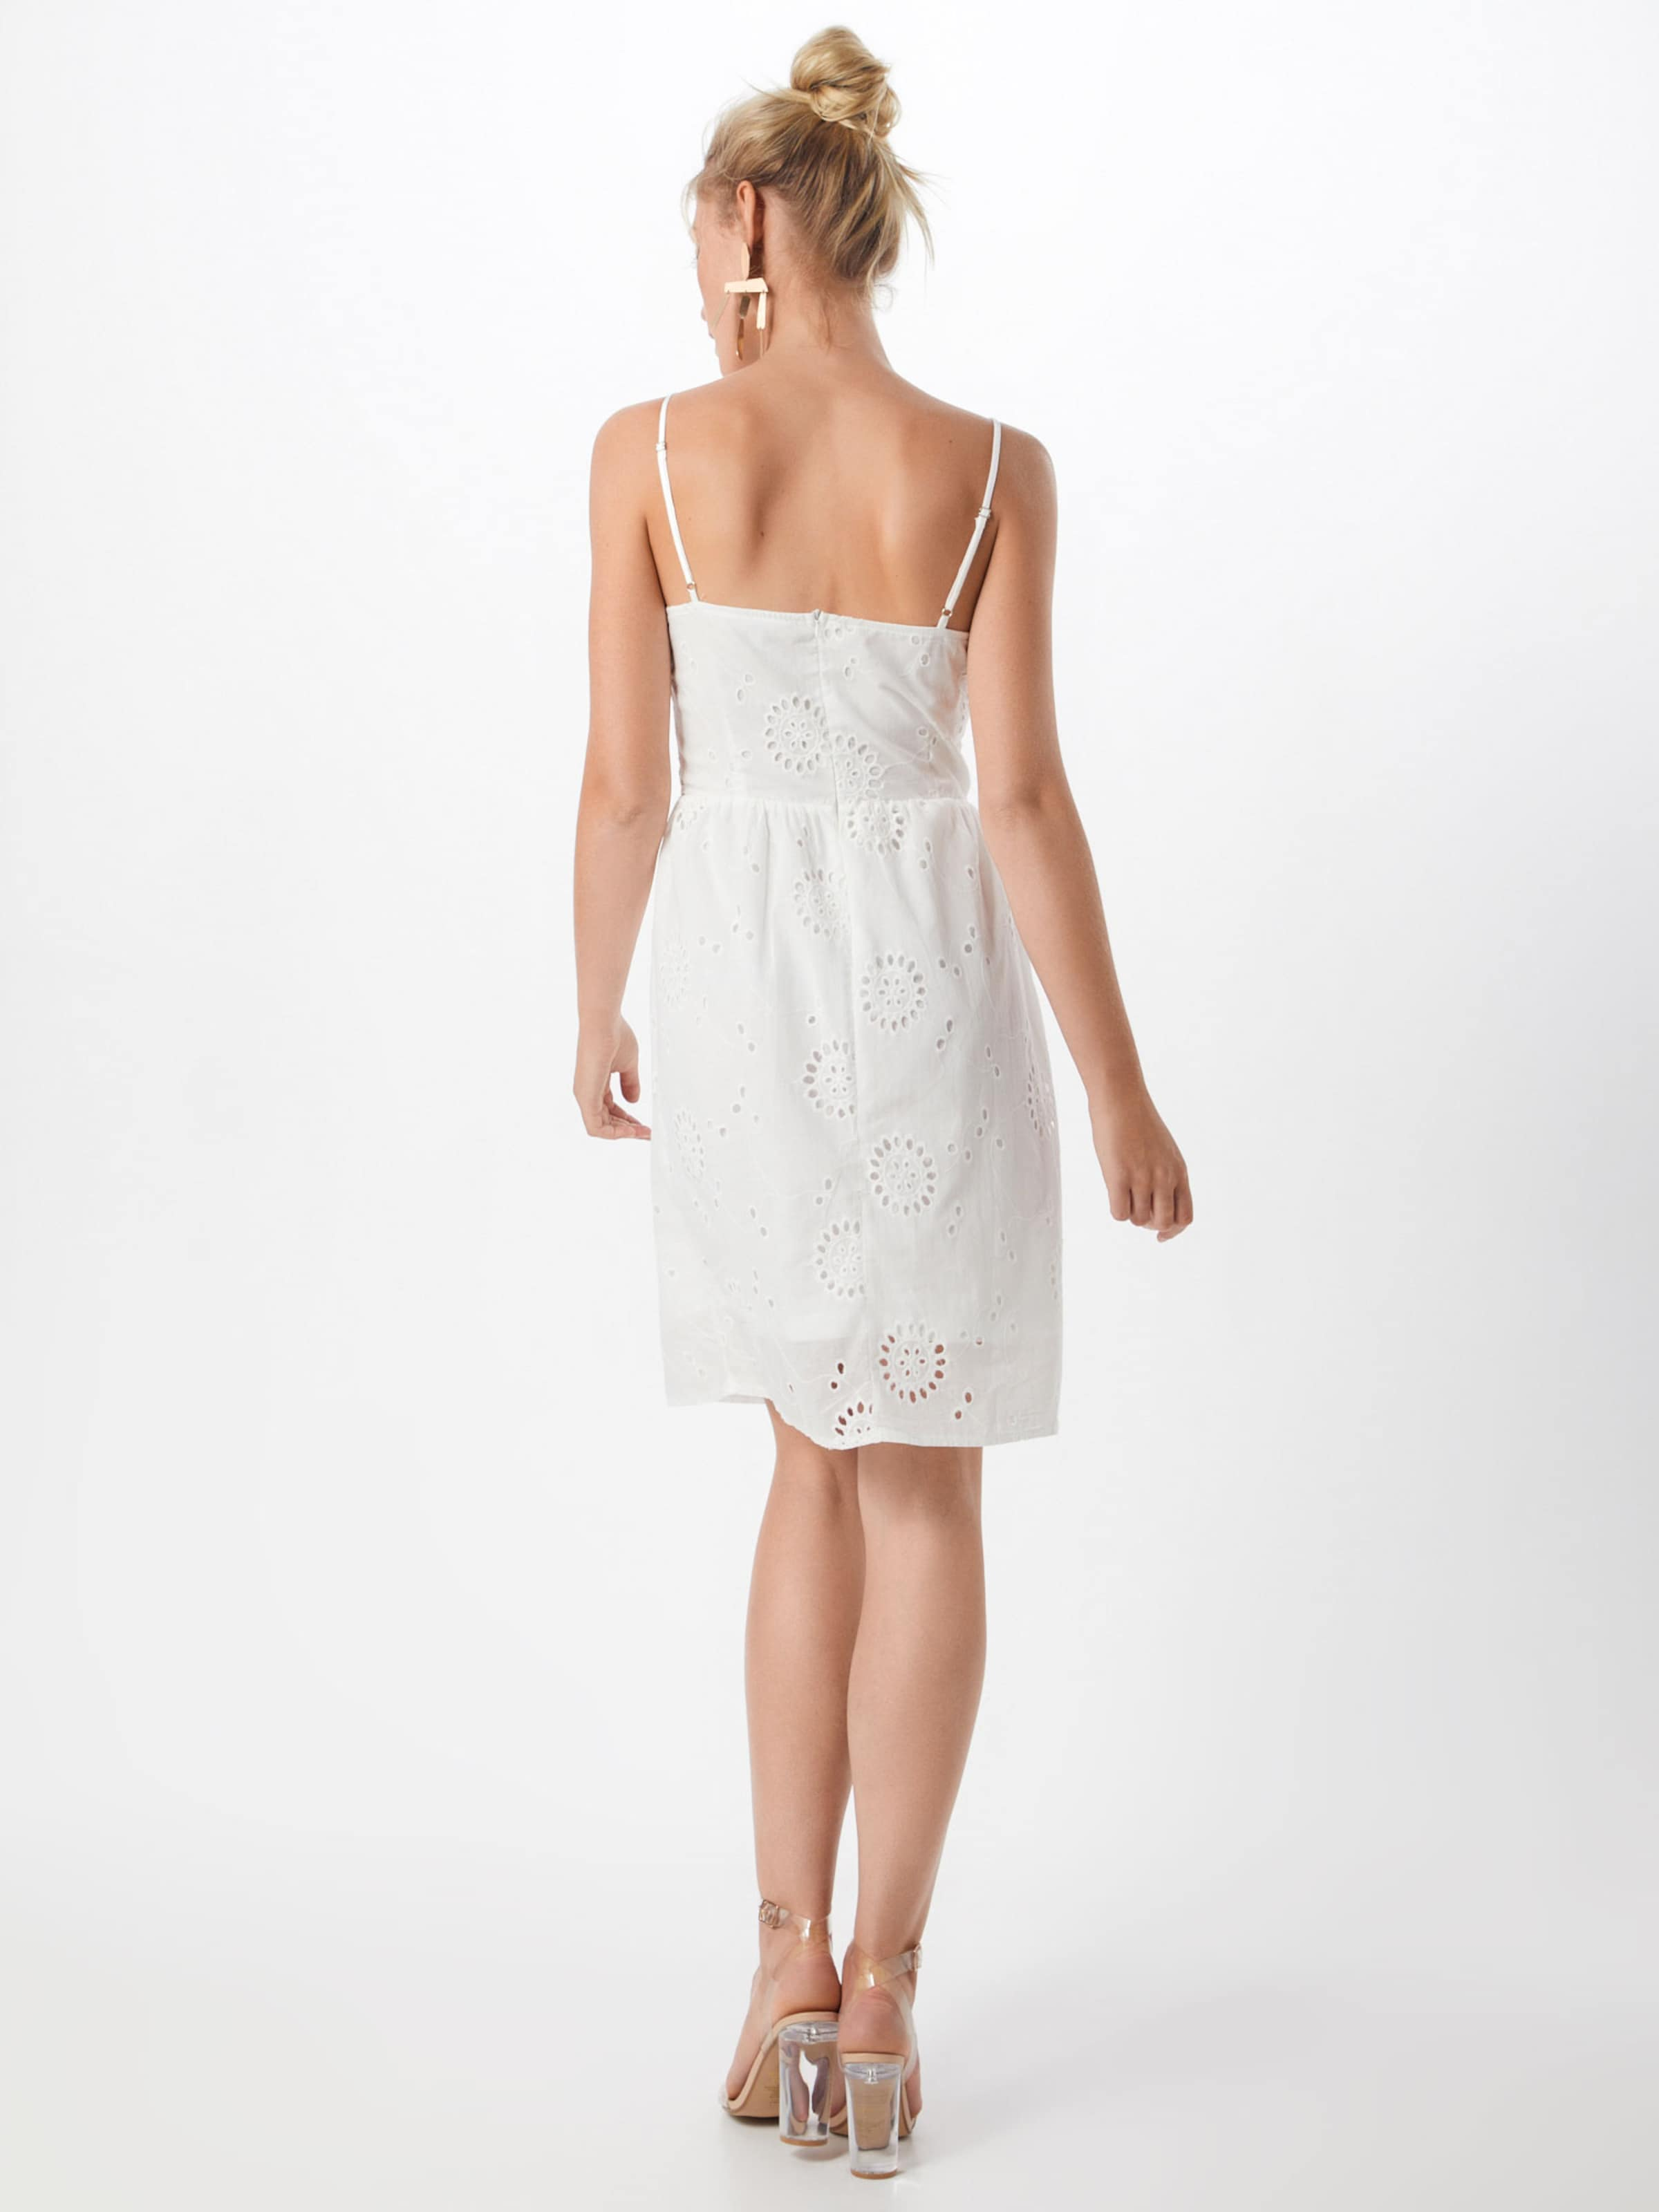 Robe Front Blanc Missguided 'tie D'été Broderie' En VLqUzMSjpG